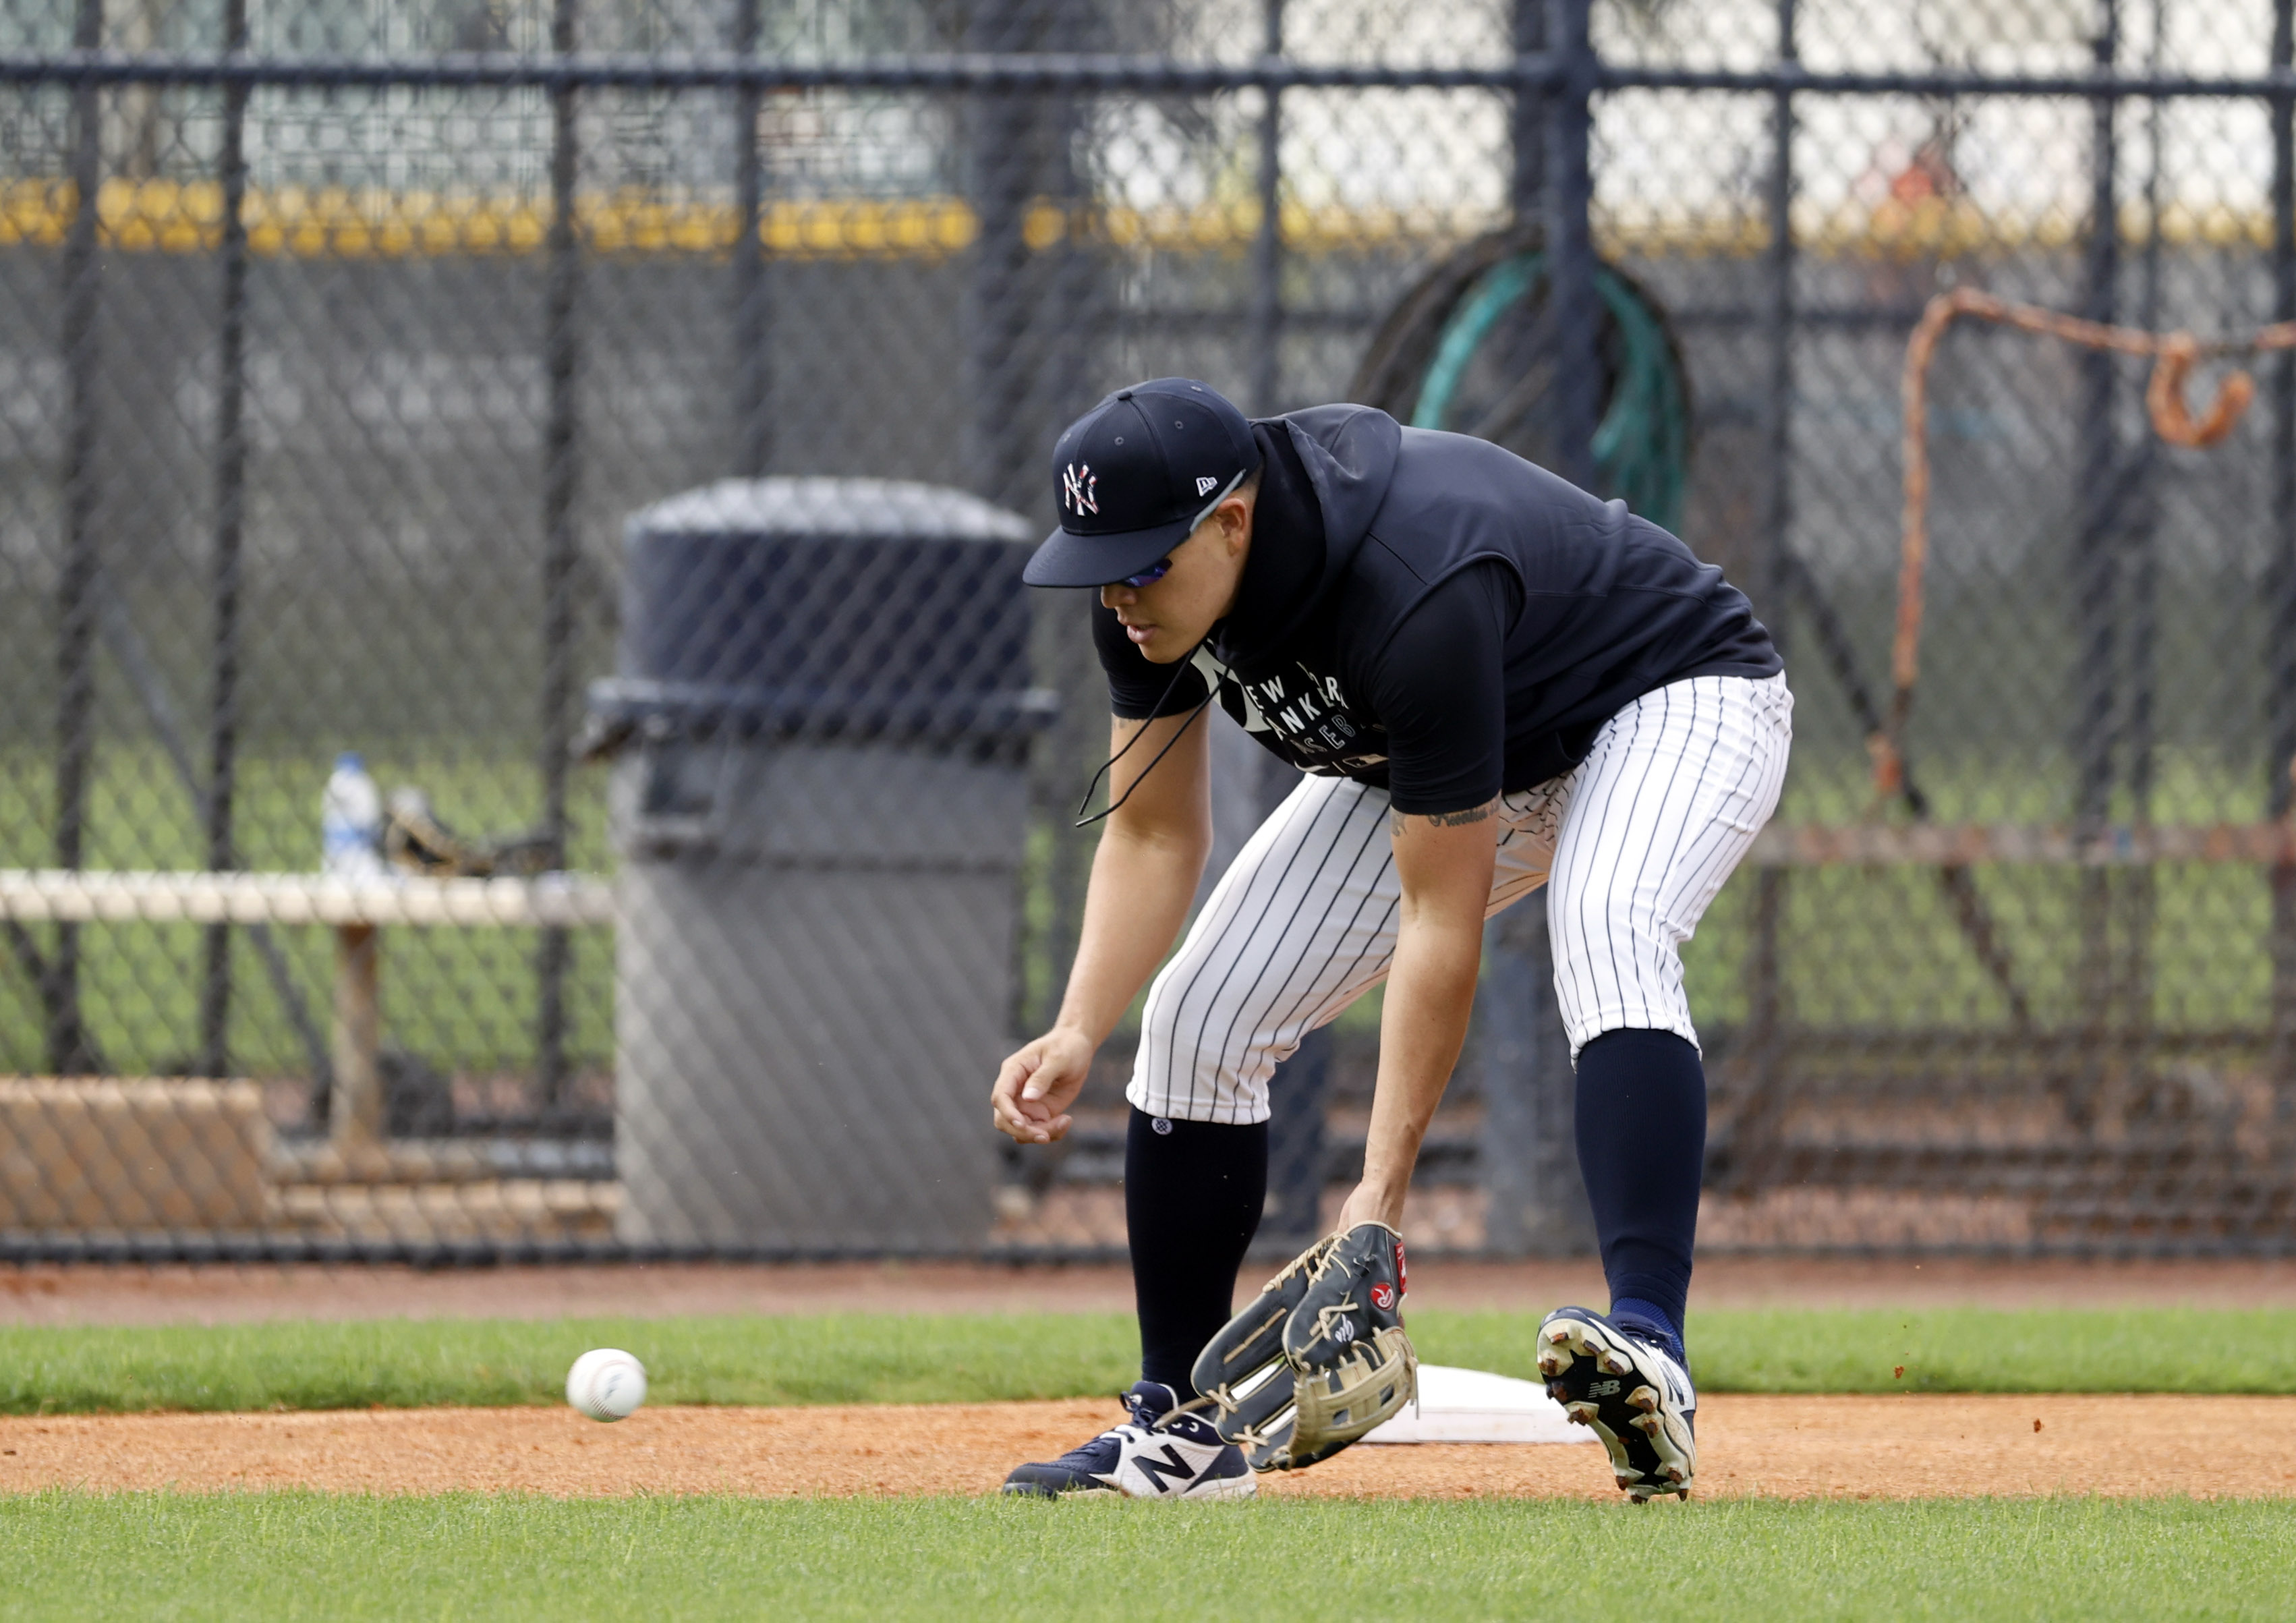 New York Yankees, Gio Urshela